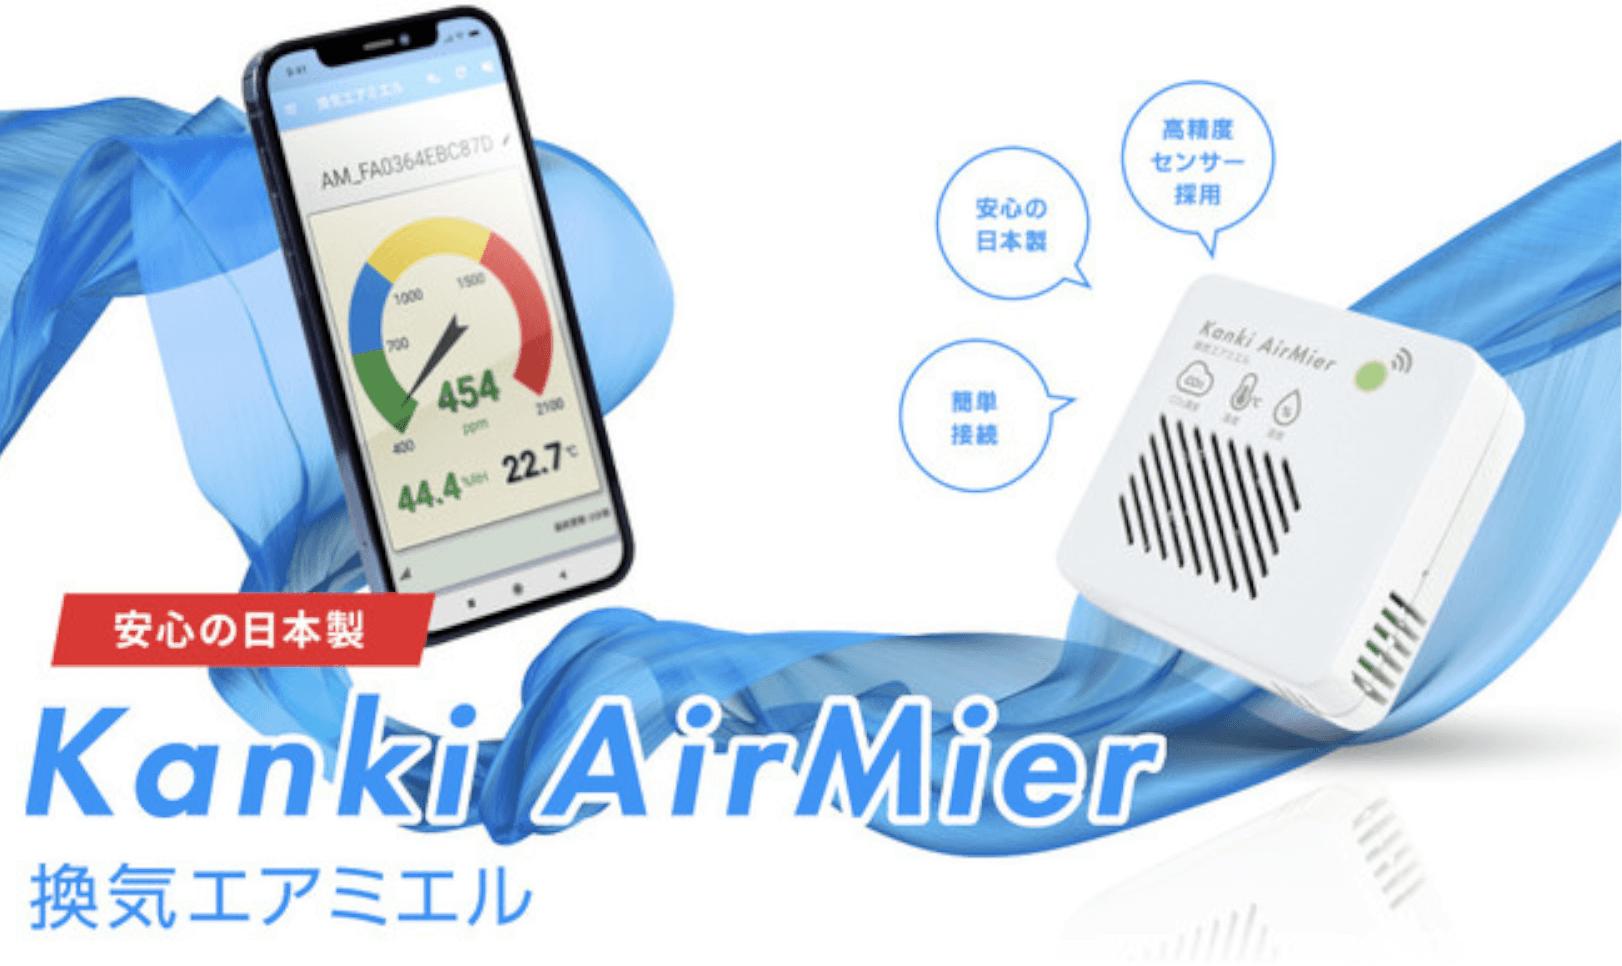 日本製高精度CO2センサー「換気エアミエル」スマホアプリがグラフ表示、CSVダウンロードに対応